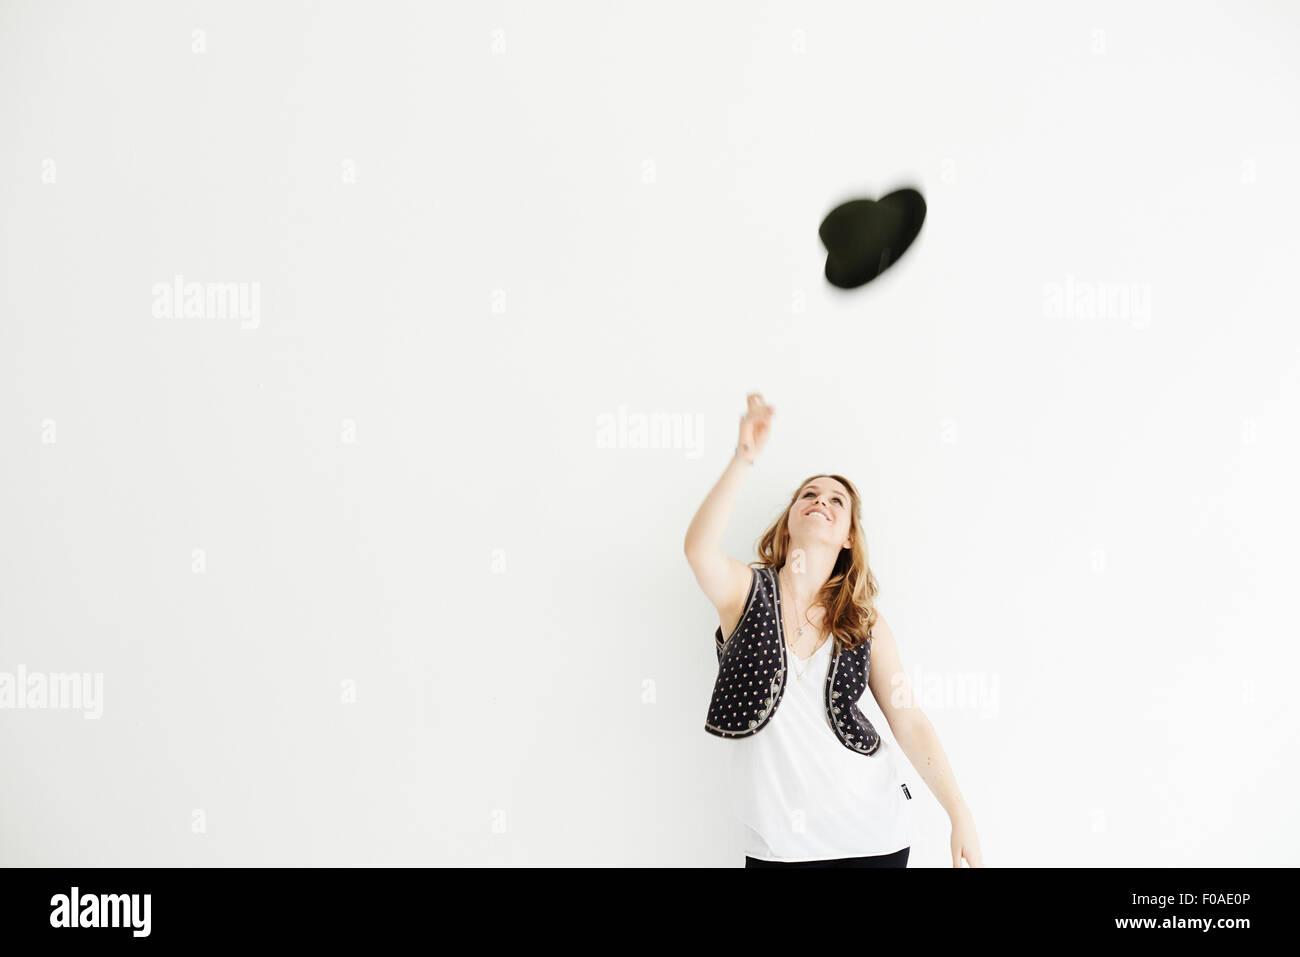 Mujer adulta media arrojando el sombrero en el aire, espacio de copia Imagen De Stock